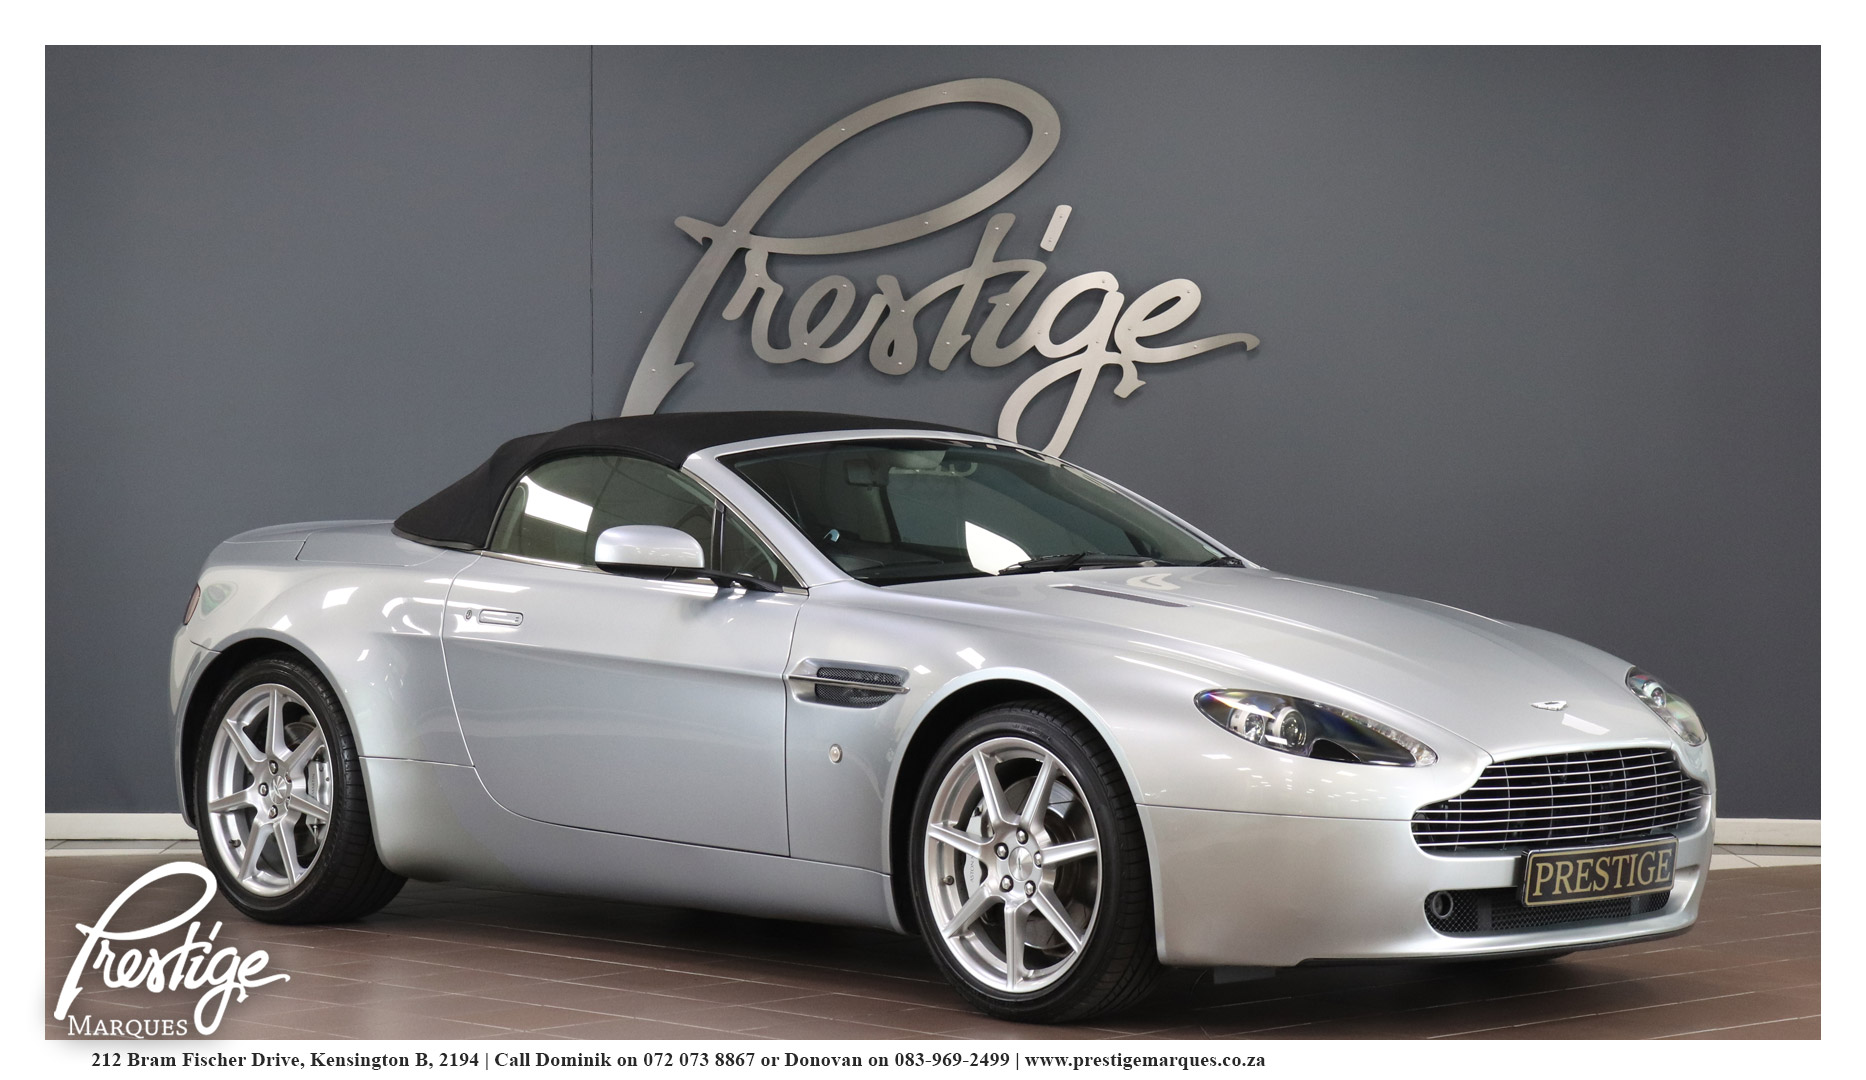 Aston-Martin-V8-Vantage-Convertible-Auto-Prestige-Marques-Sandton-2